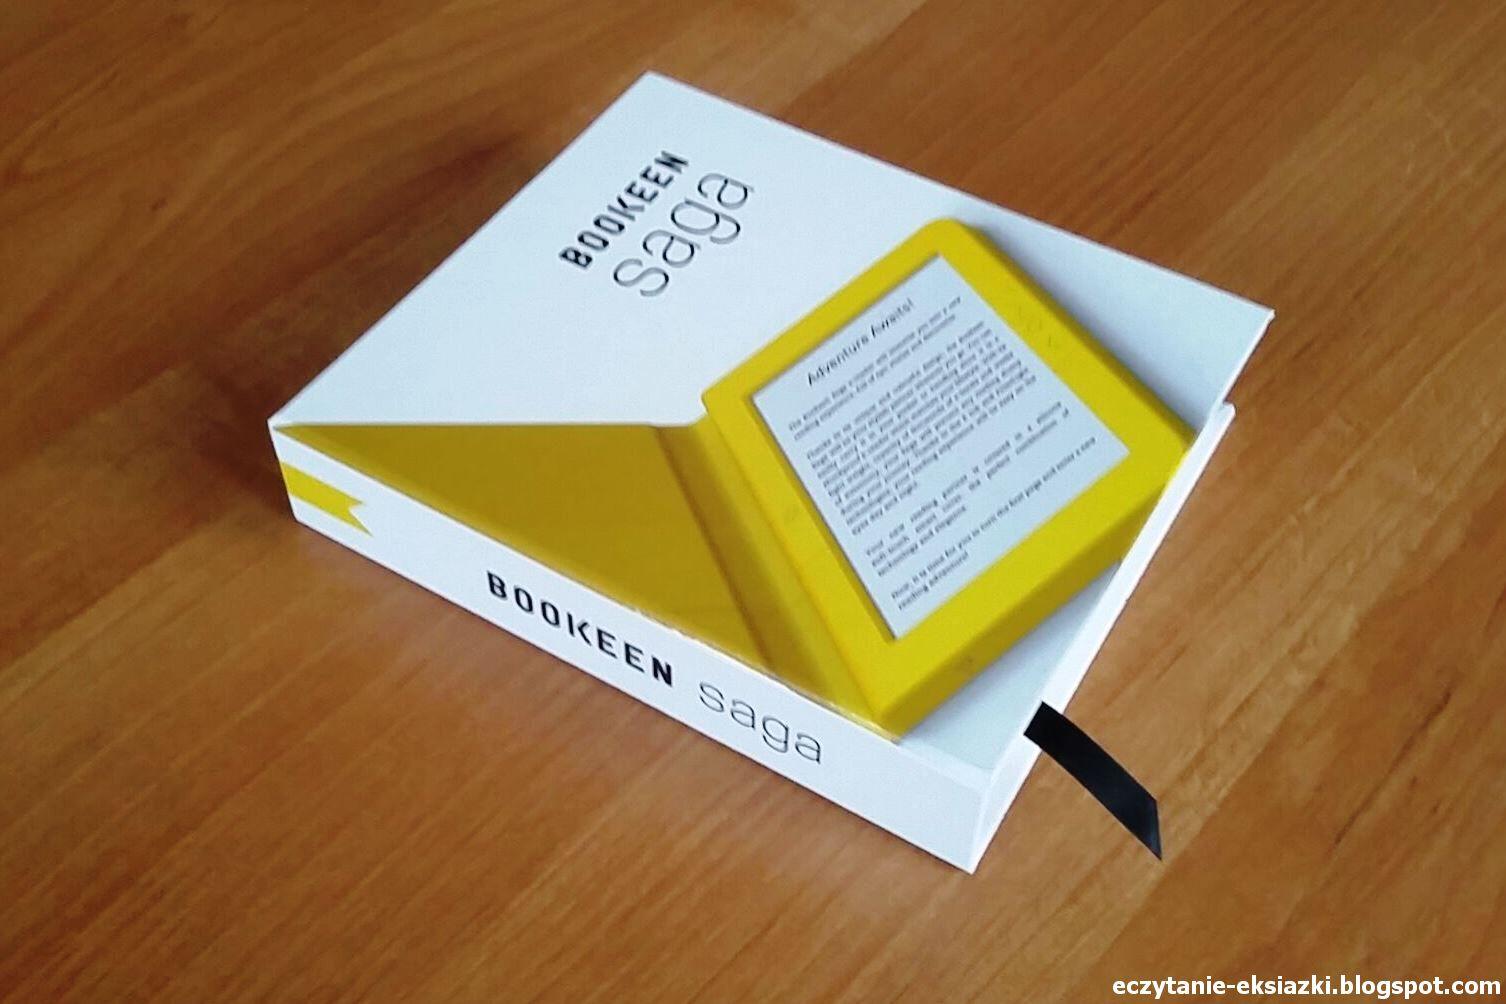 Zdjęcie czytnika Bookeen Saga w opakowaniu przypominającym książkę